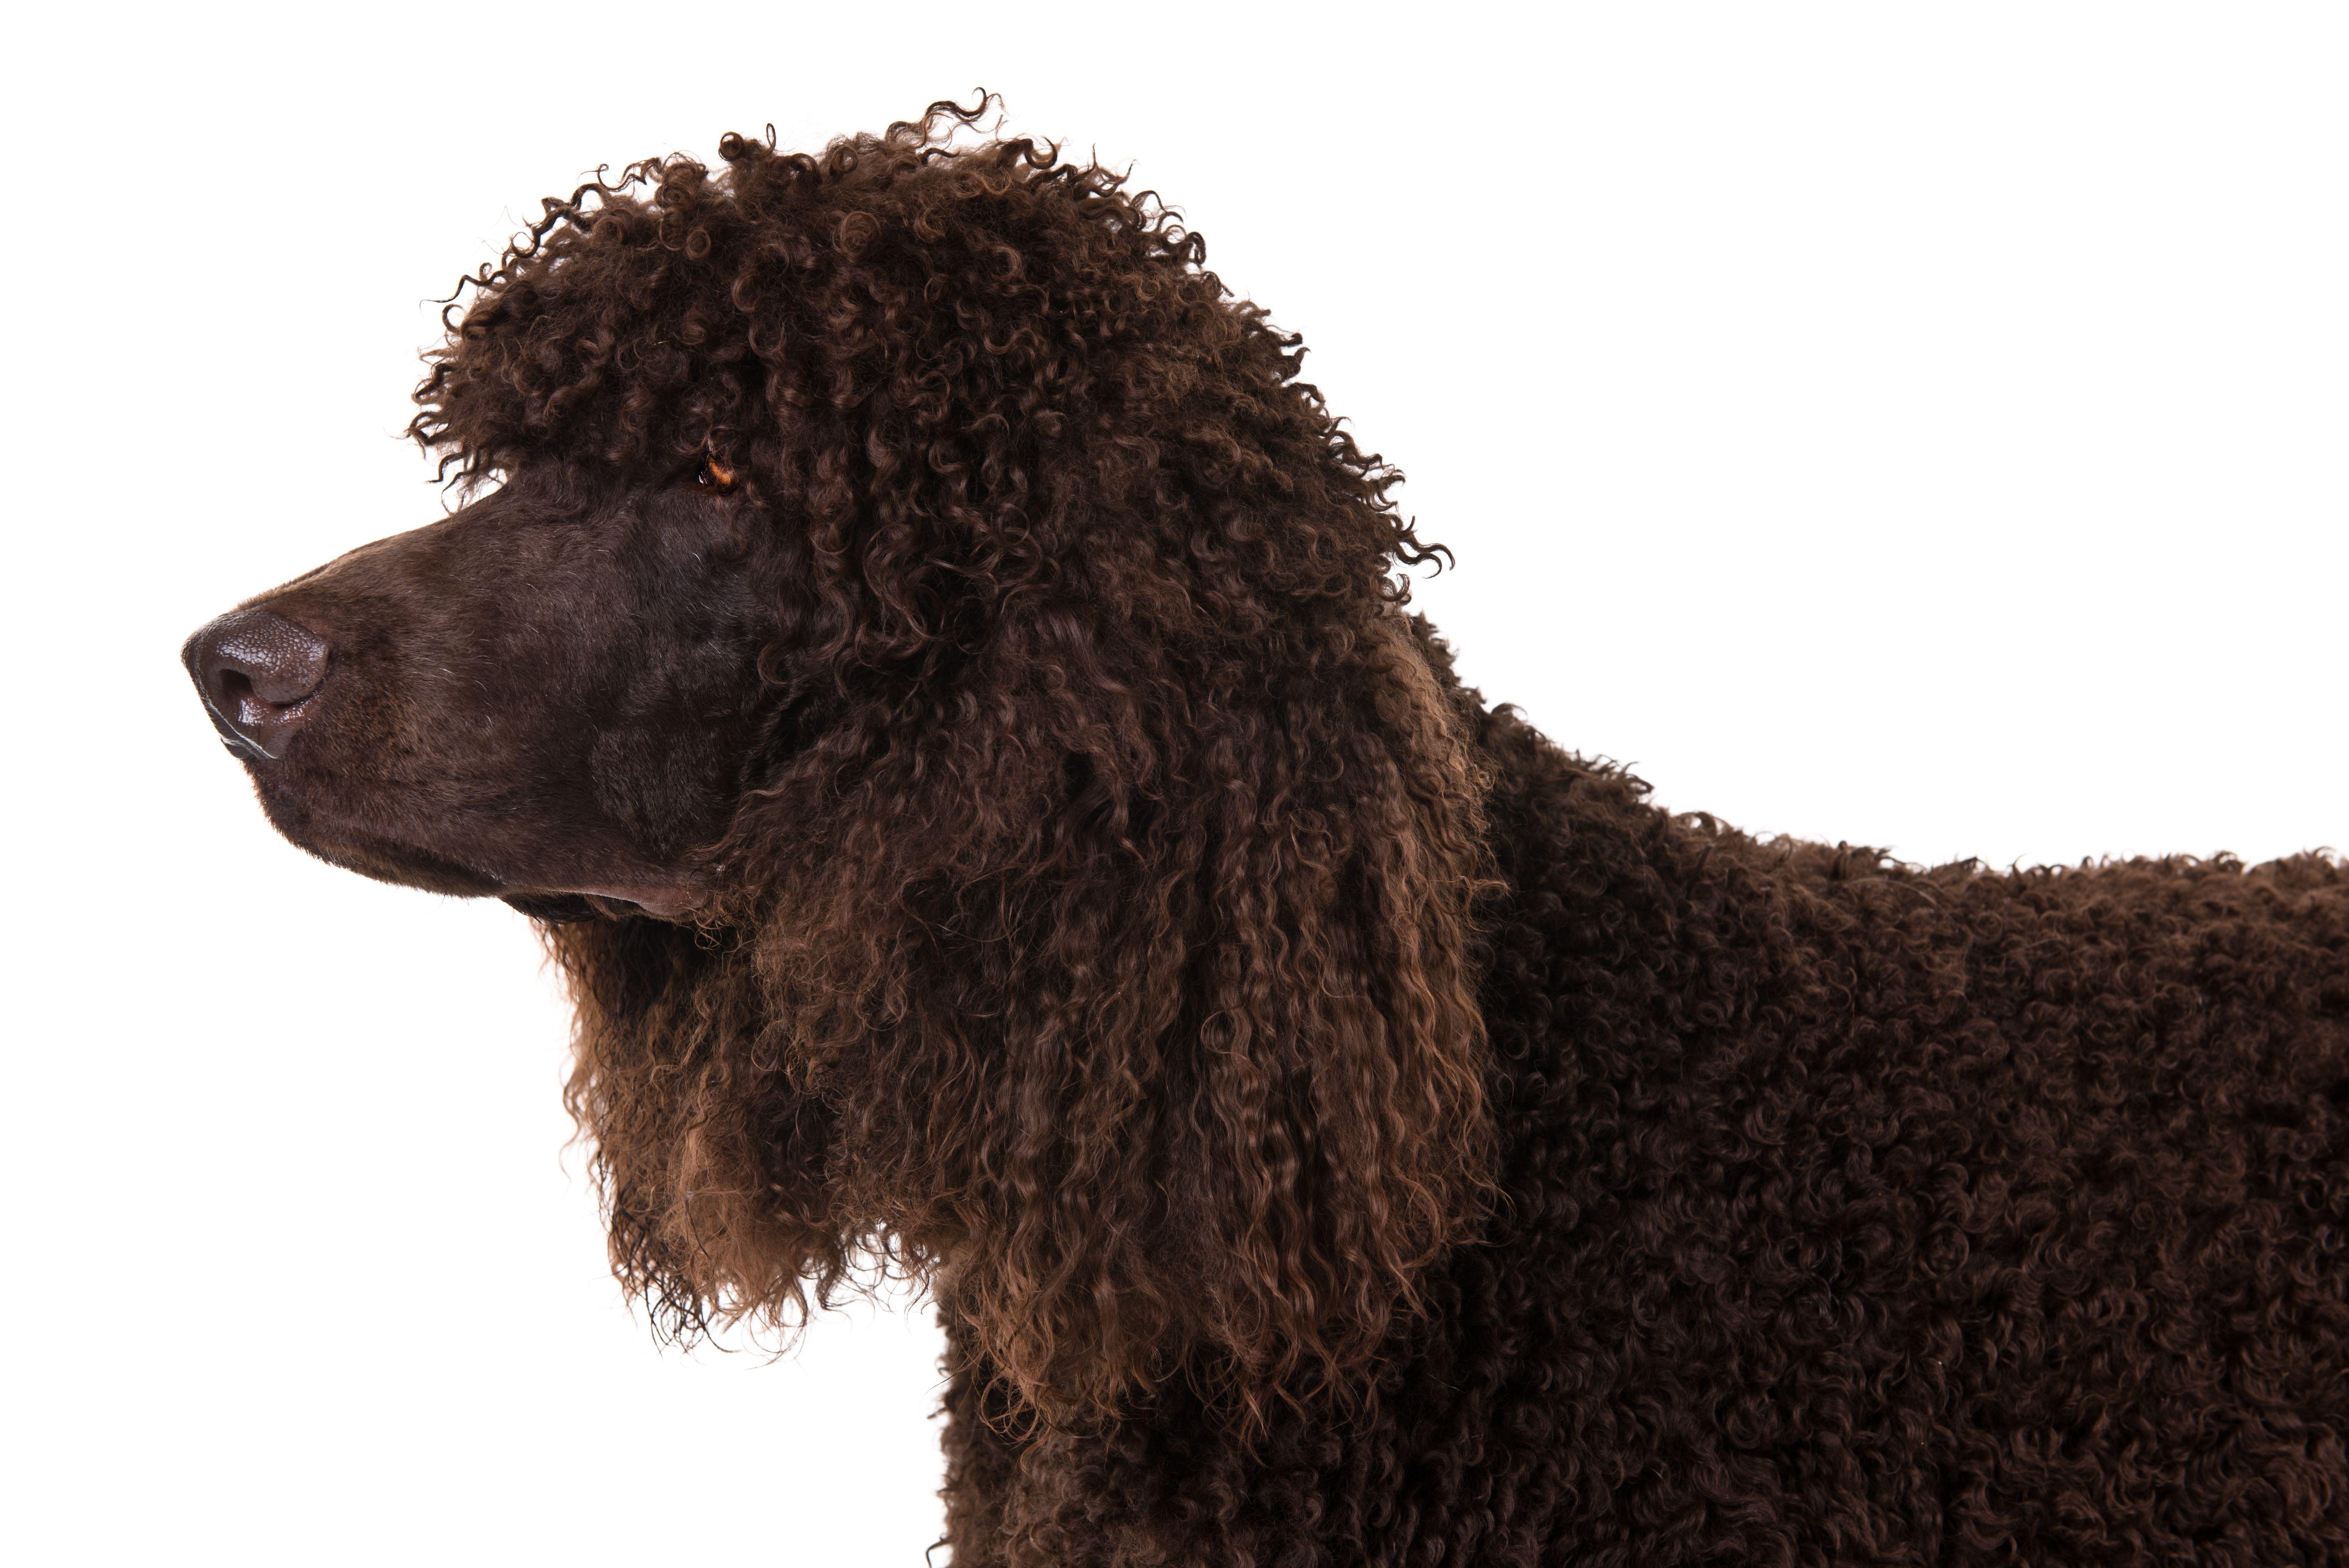 Irish Water Spaniel Dog Breed Information in 2021 | Irish ...